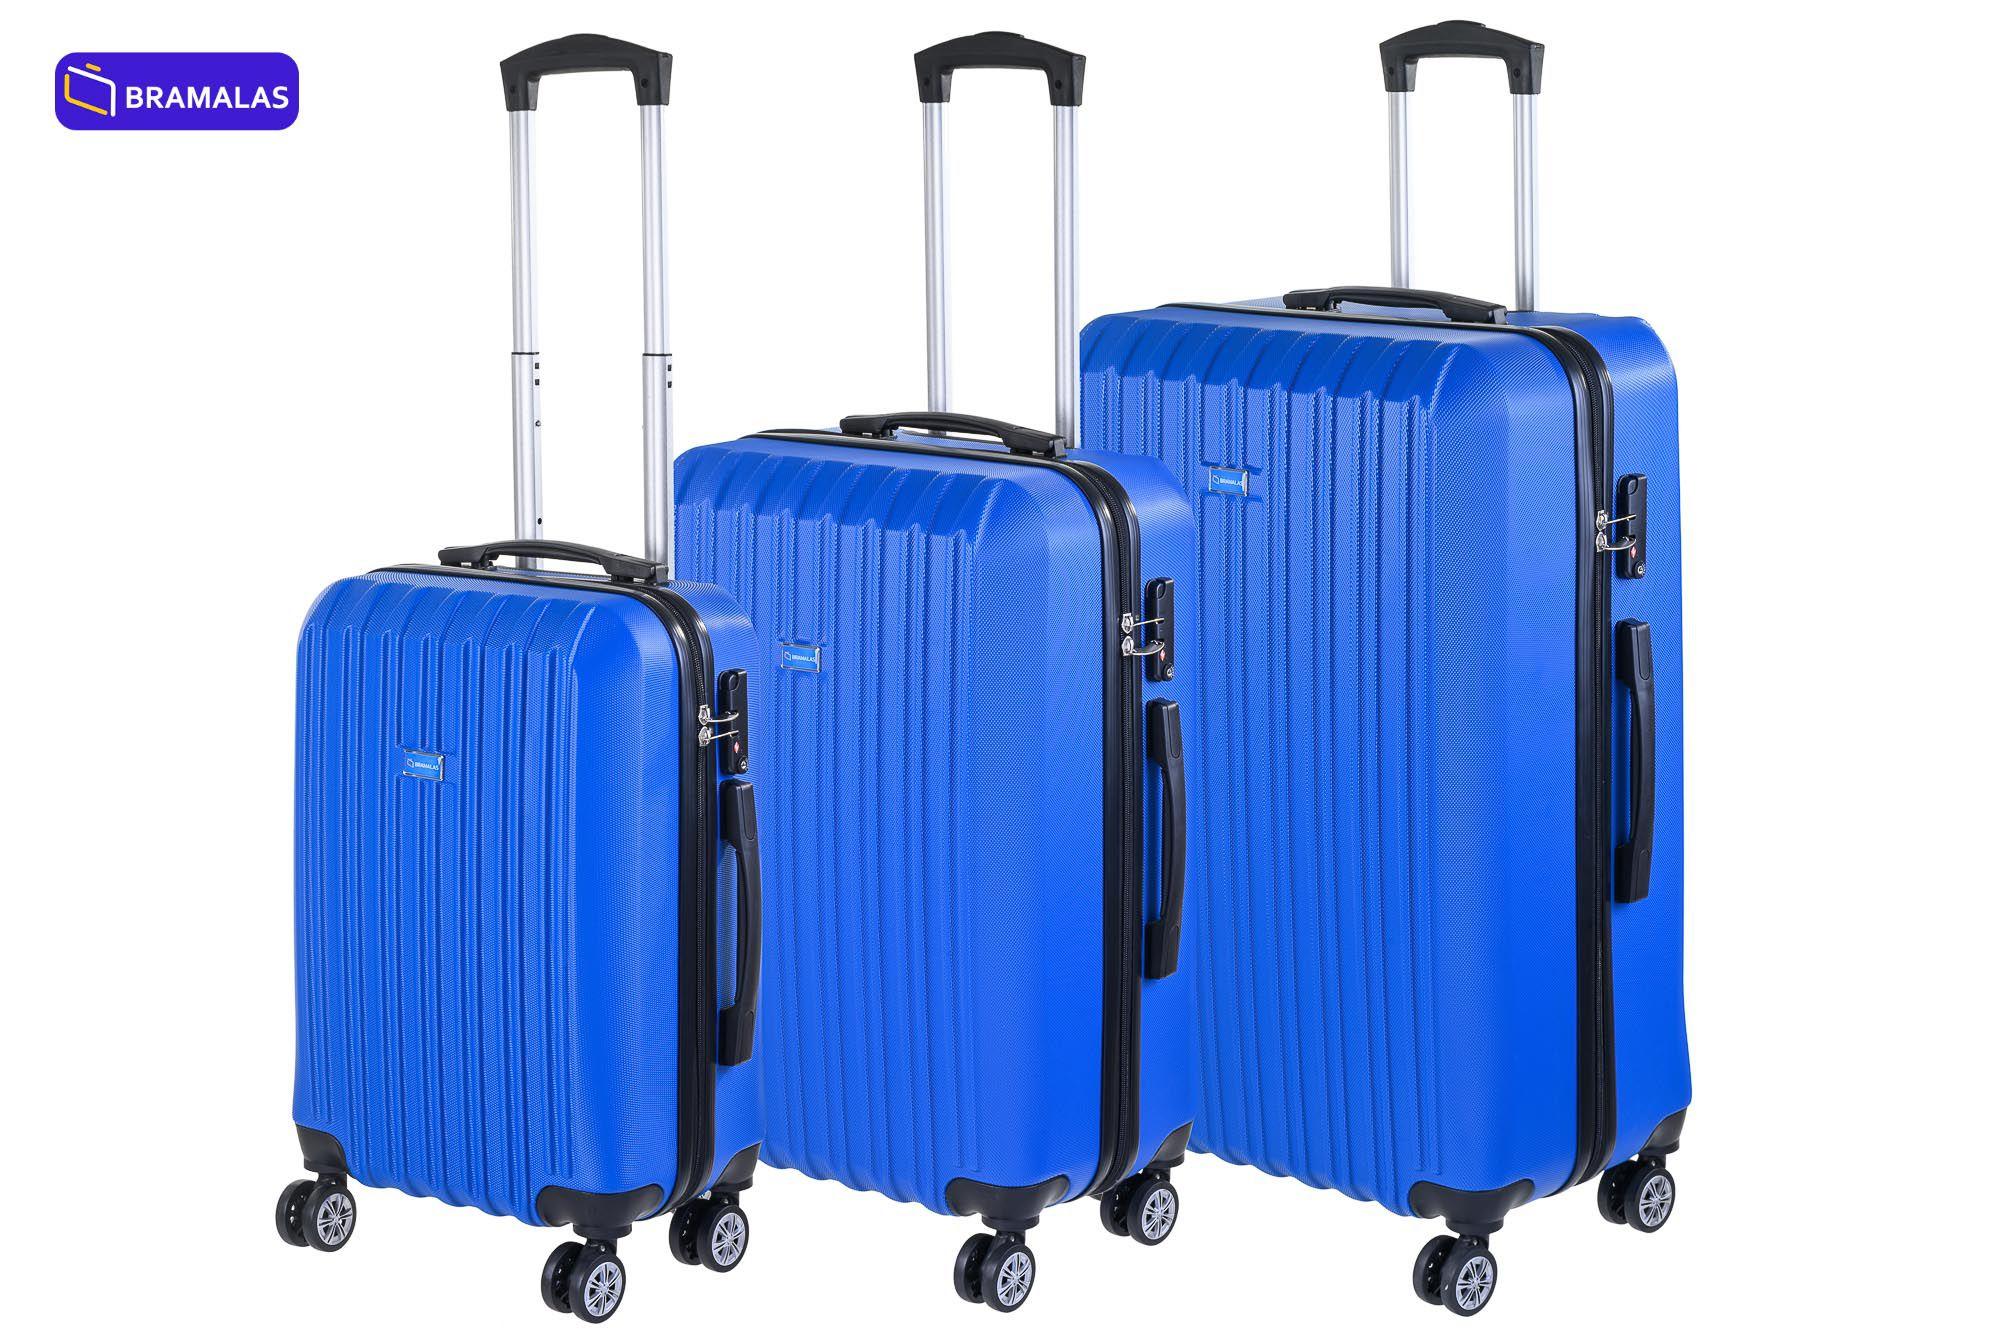 Conjunto de Malas Modena Cor Azul